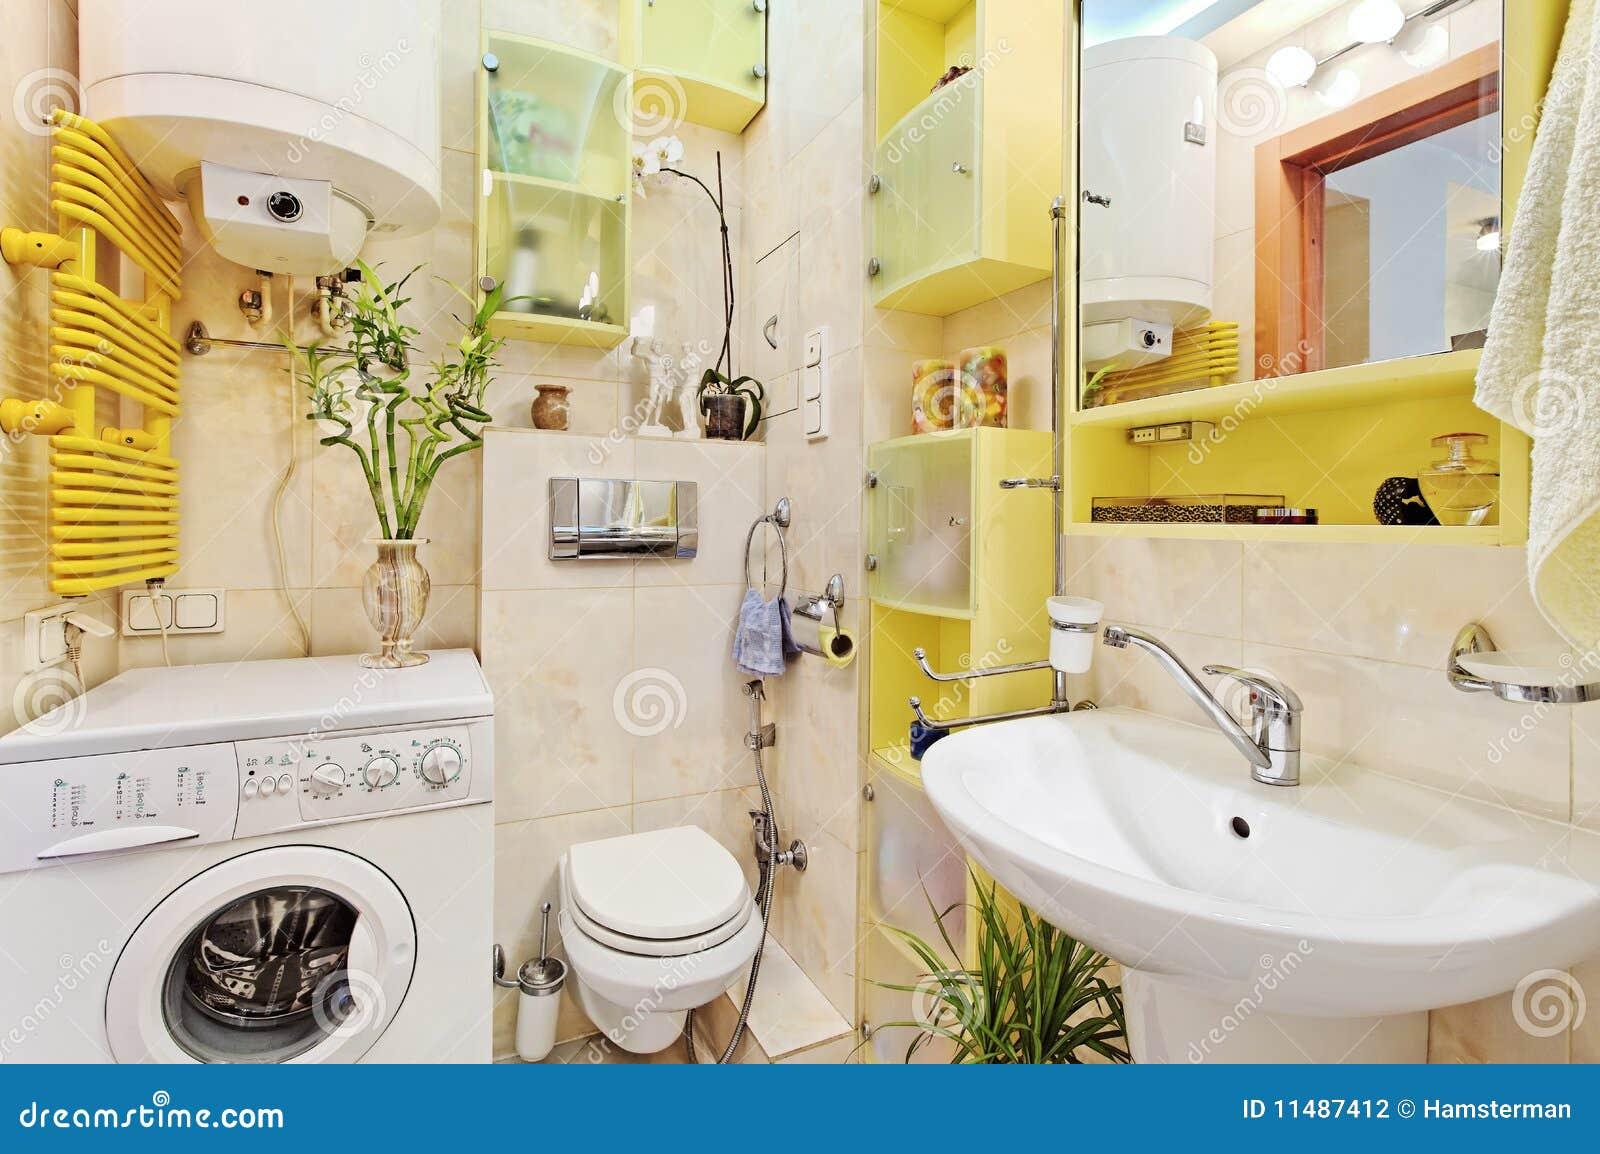 Artigos Relacionados Banheiros Decorados Ajilbabcom Portal Picture #A99222 1300x955 Banheira Bebe Banheiro Pequeno